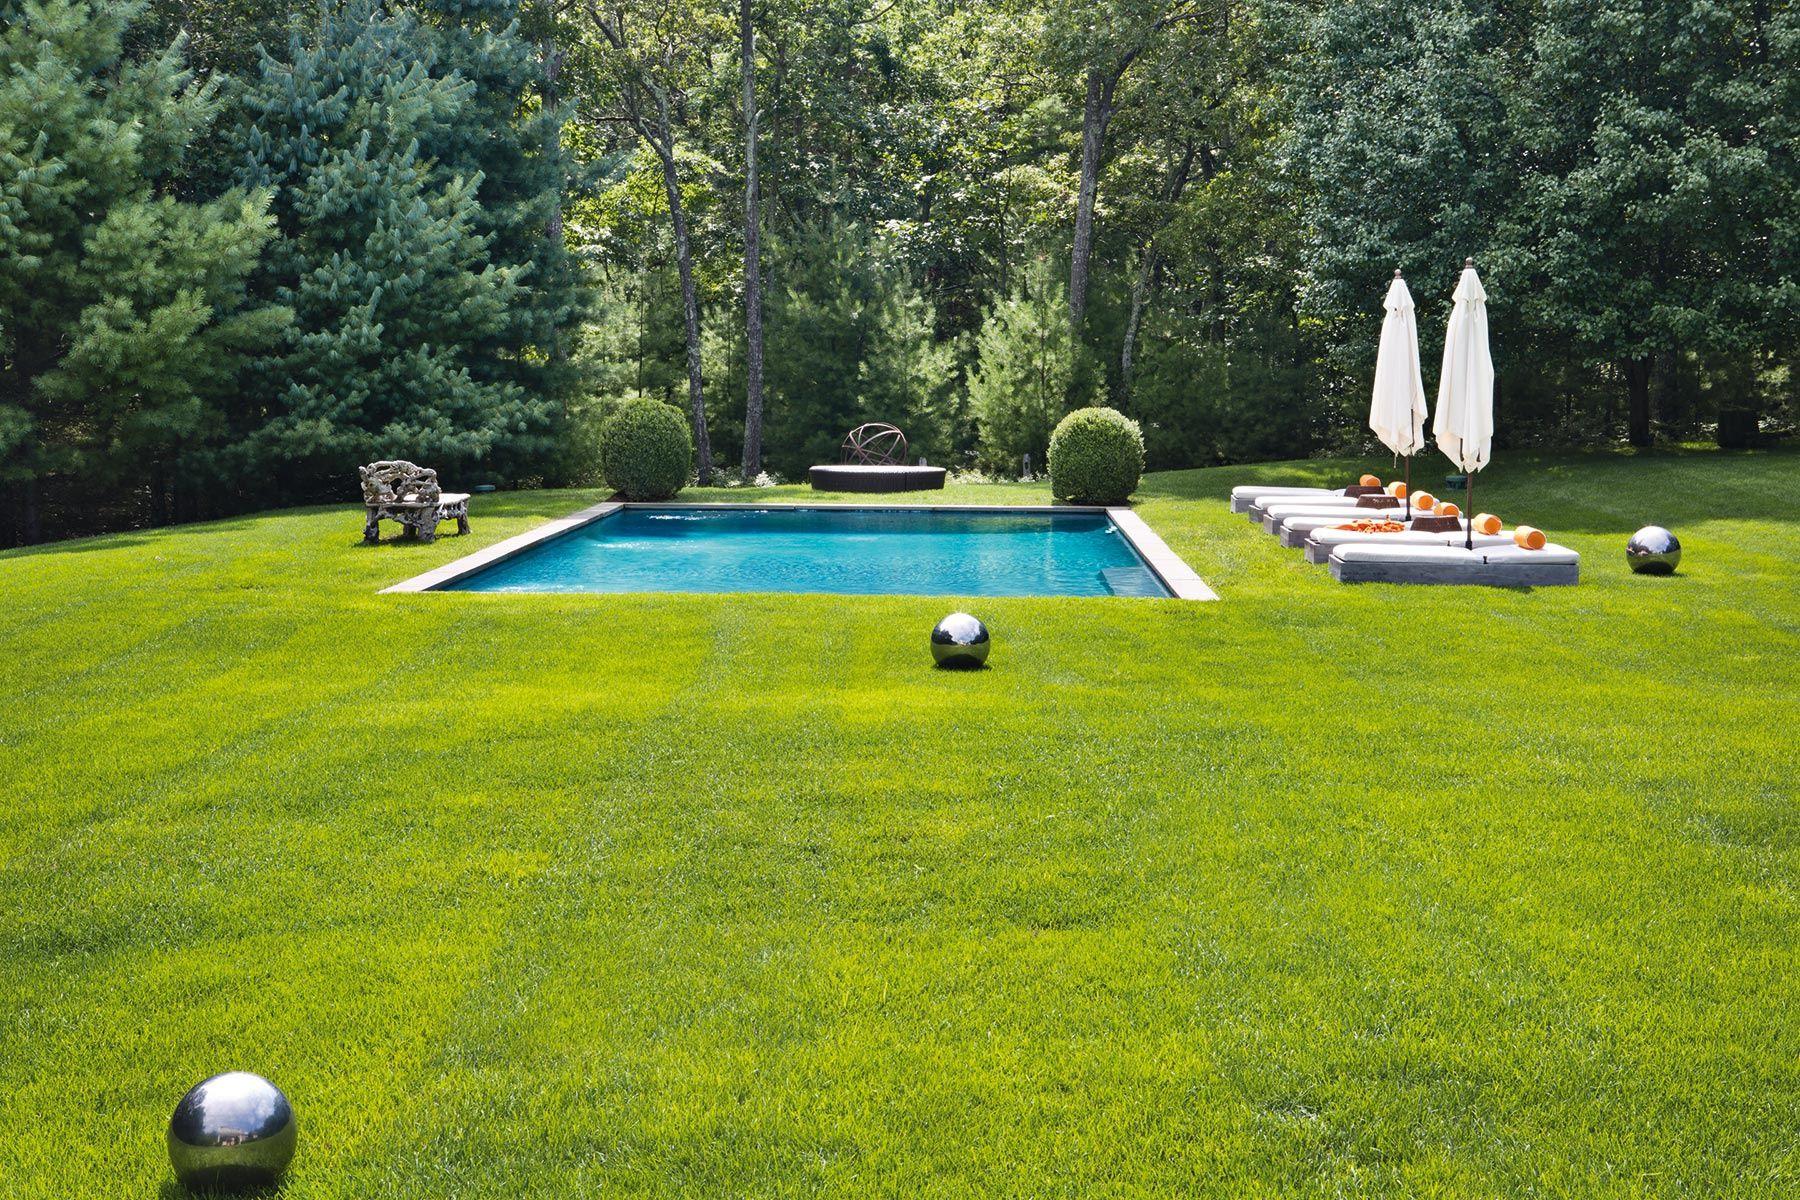 50 trampolines muy piscinas tumbonas y decorador for Trampolines para piscinas